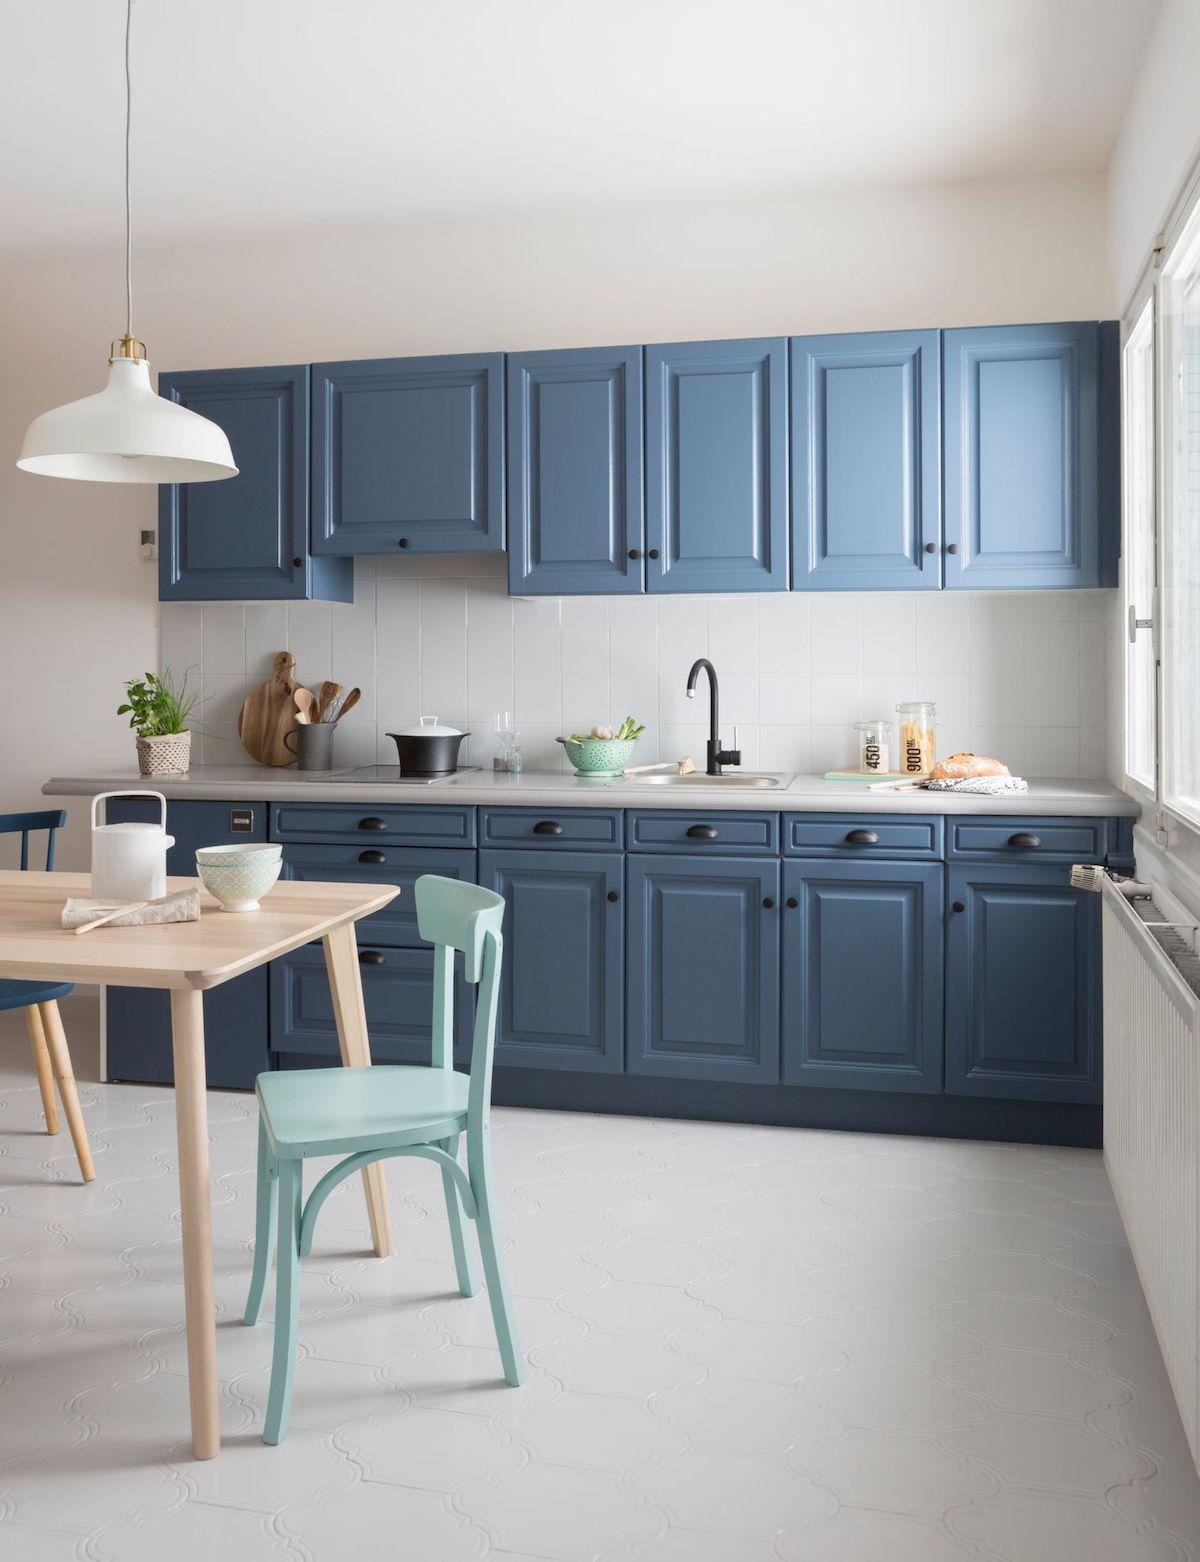 Déco cuisine blanche et bleue - Blog Déco  Home staging cuisine